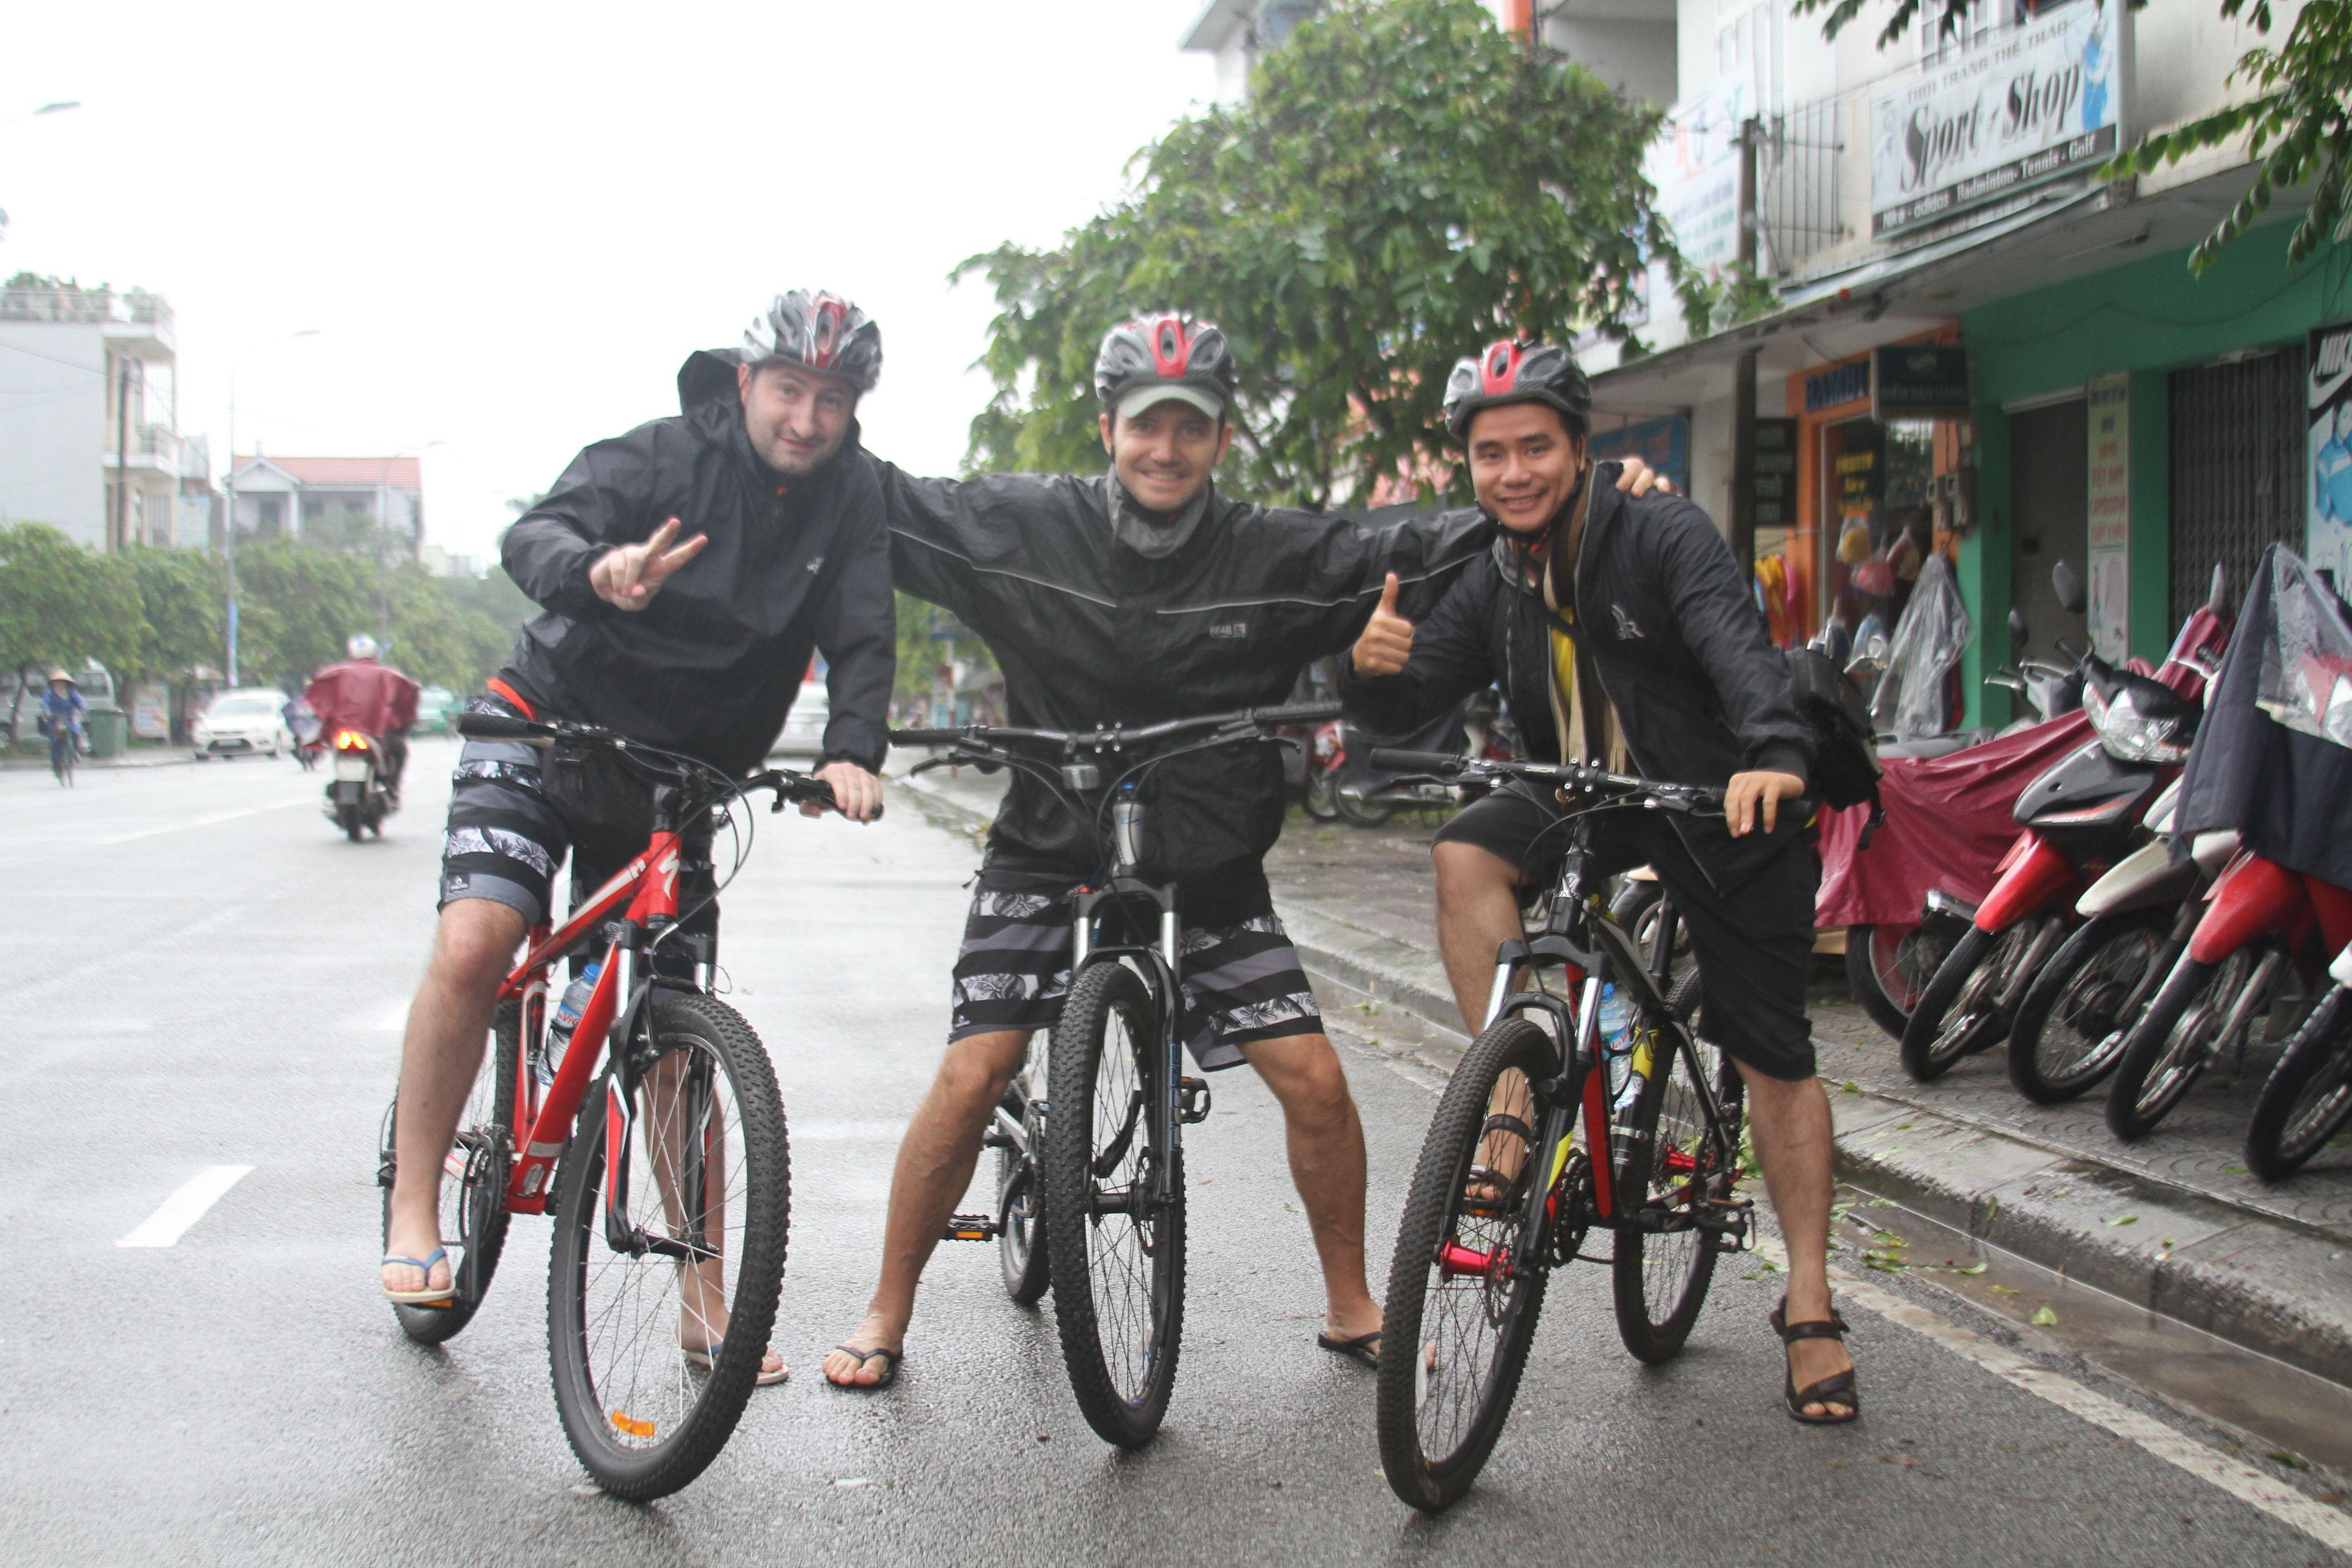 Hue Biking Tour to Meet Artisans